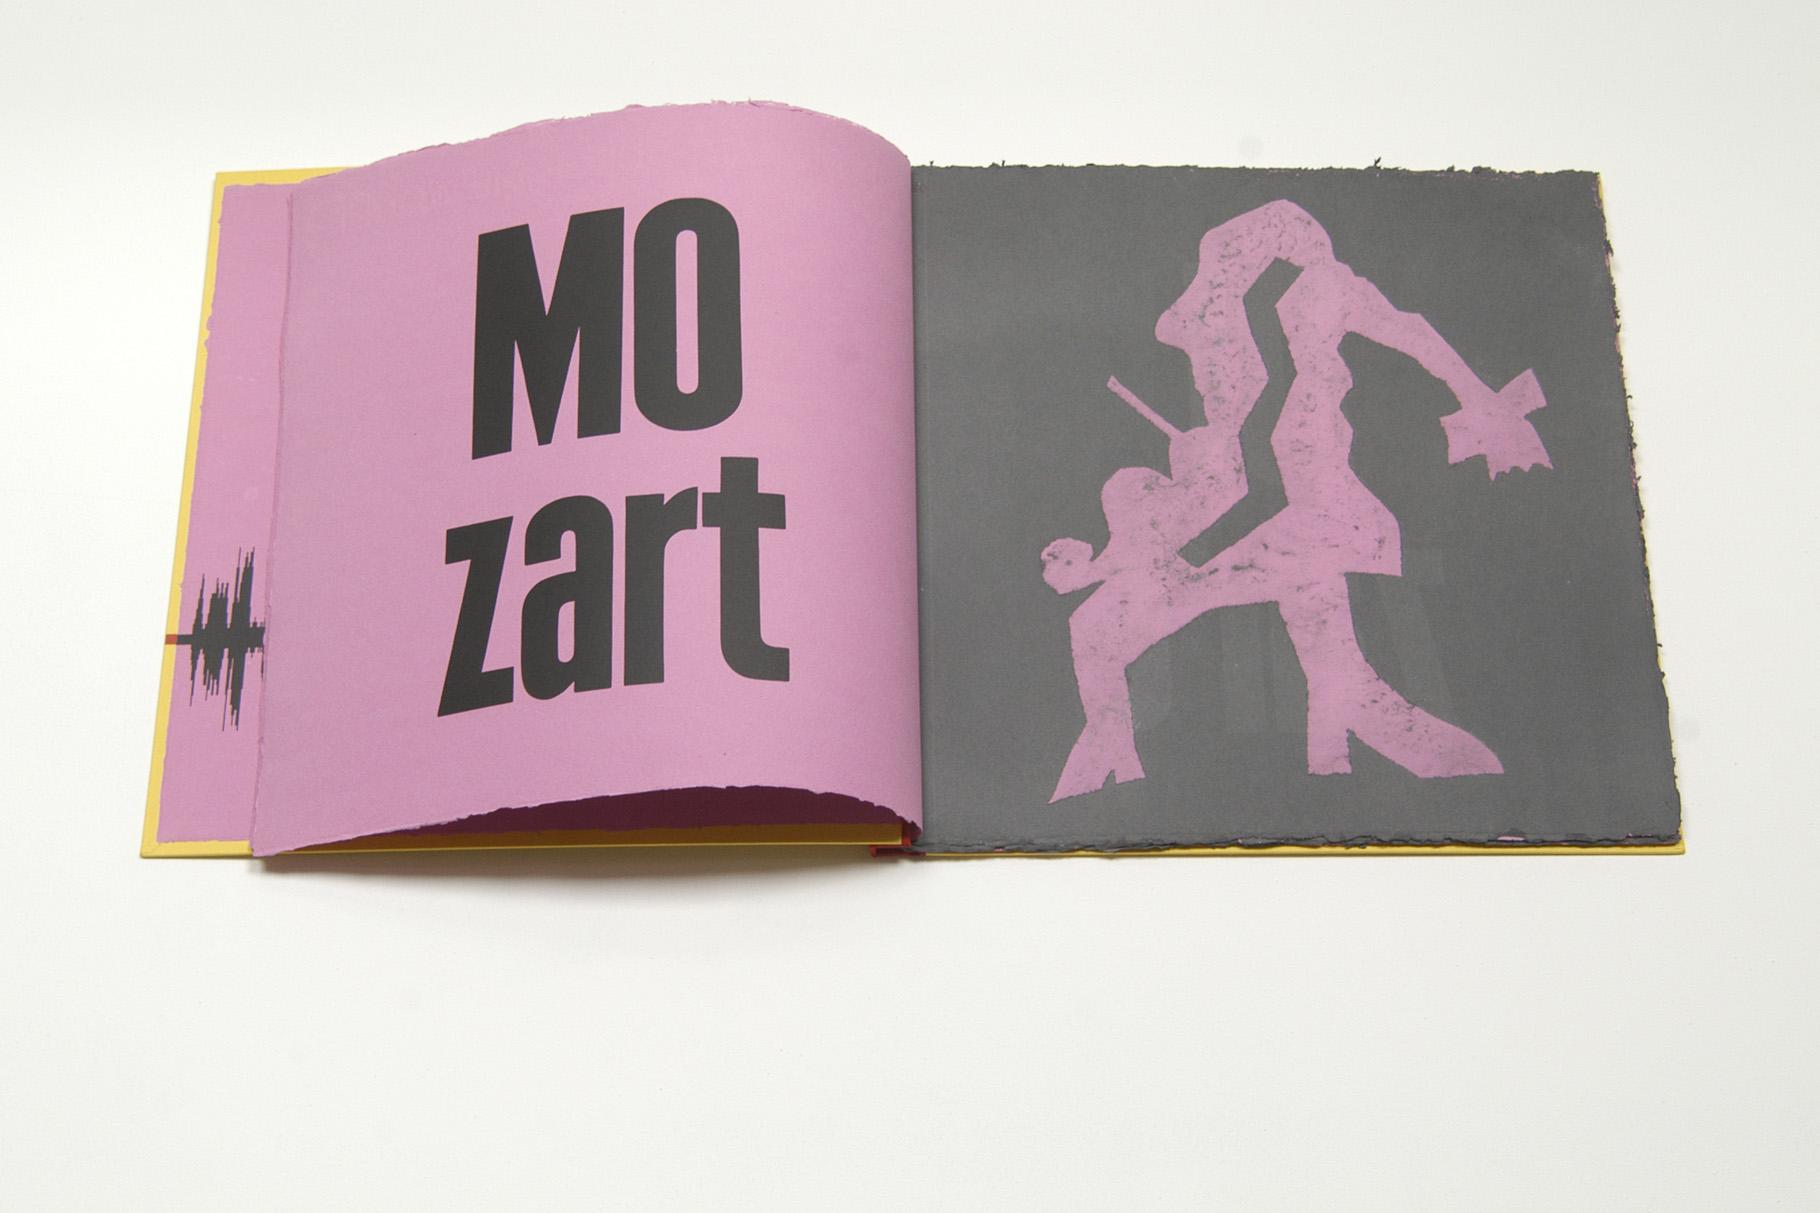 """""""Mit Mozart durch die Woche"""" (2003) - Ein Künstlerbuch mit Bildideen von Ottfried Zielke und einem Text von Uwe Warnke, hergestellt in Zusammenarbeit mit John Gerard"""